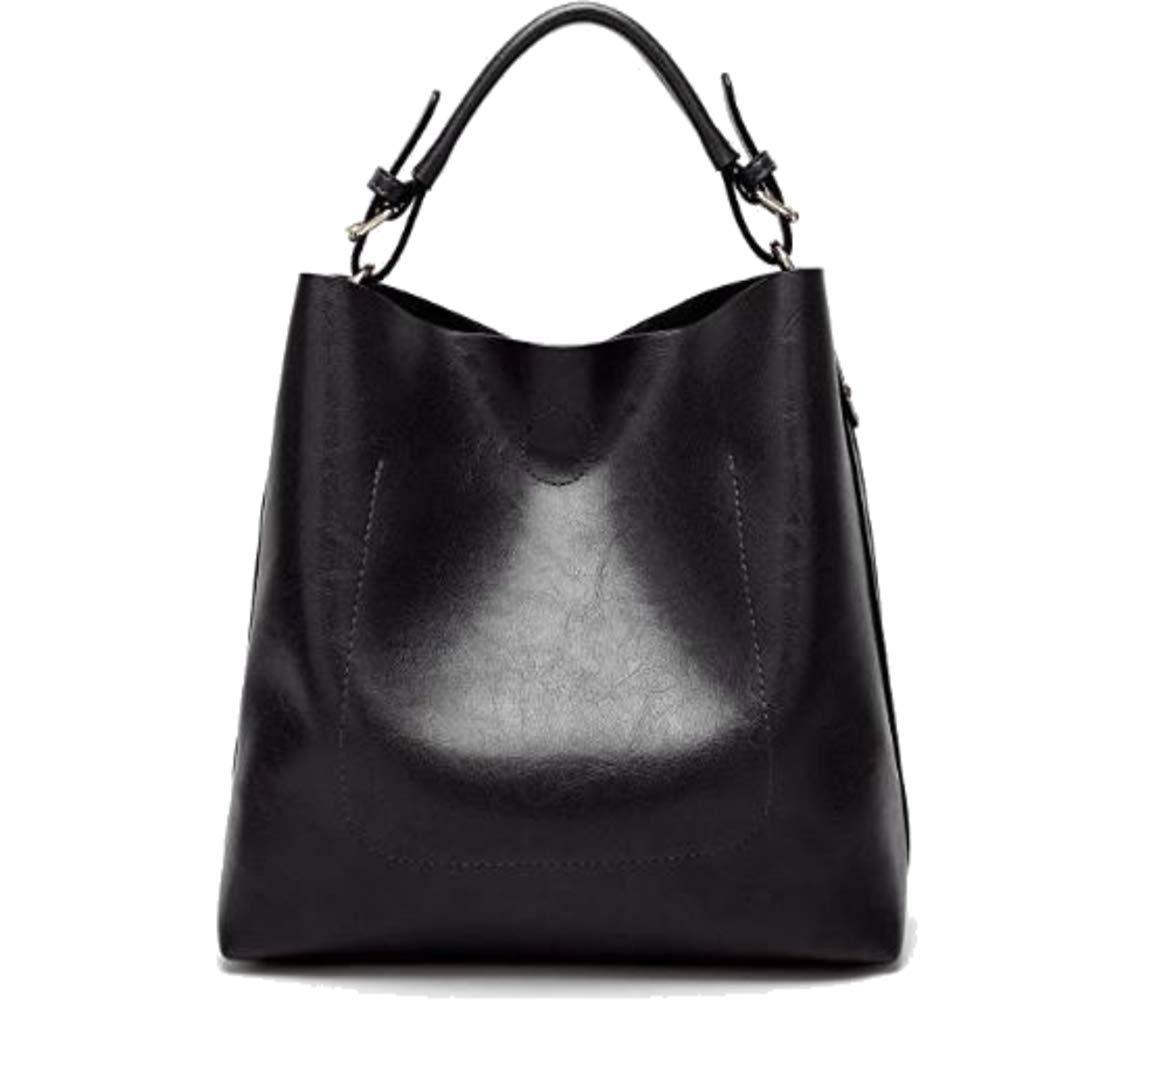 Women Handbags Designer Ladies Satchel Hobo Bags Tote PU Leather Handbags Shoulder Purse by BragBag (Image #1)